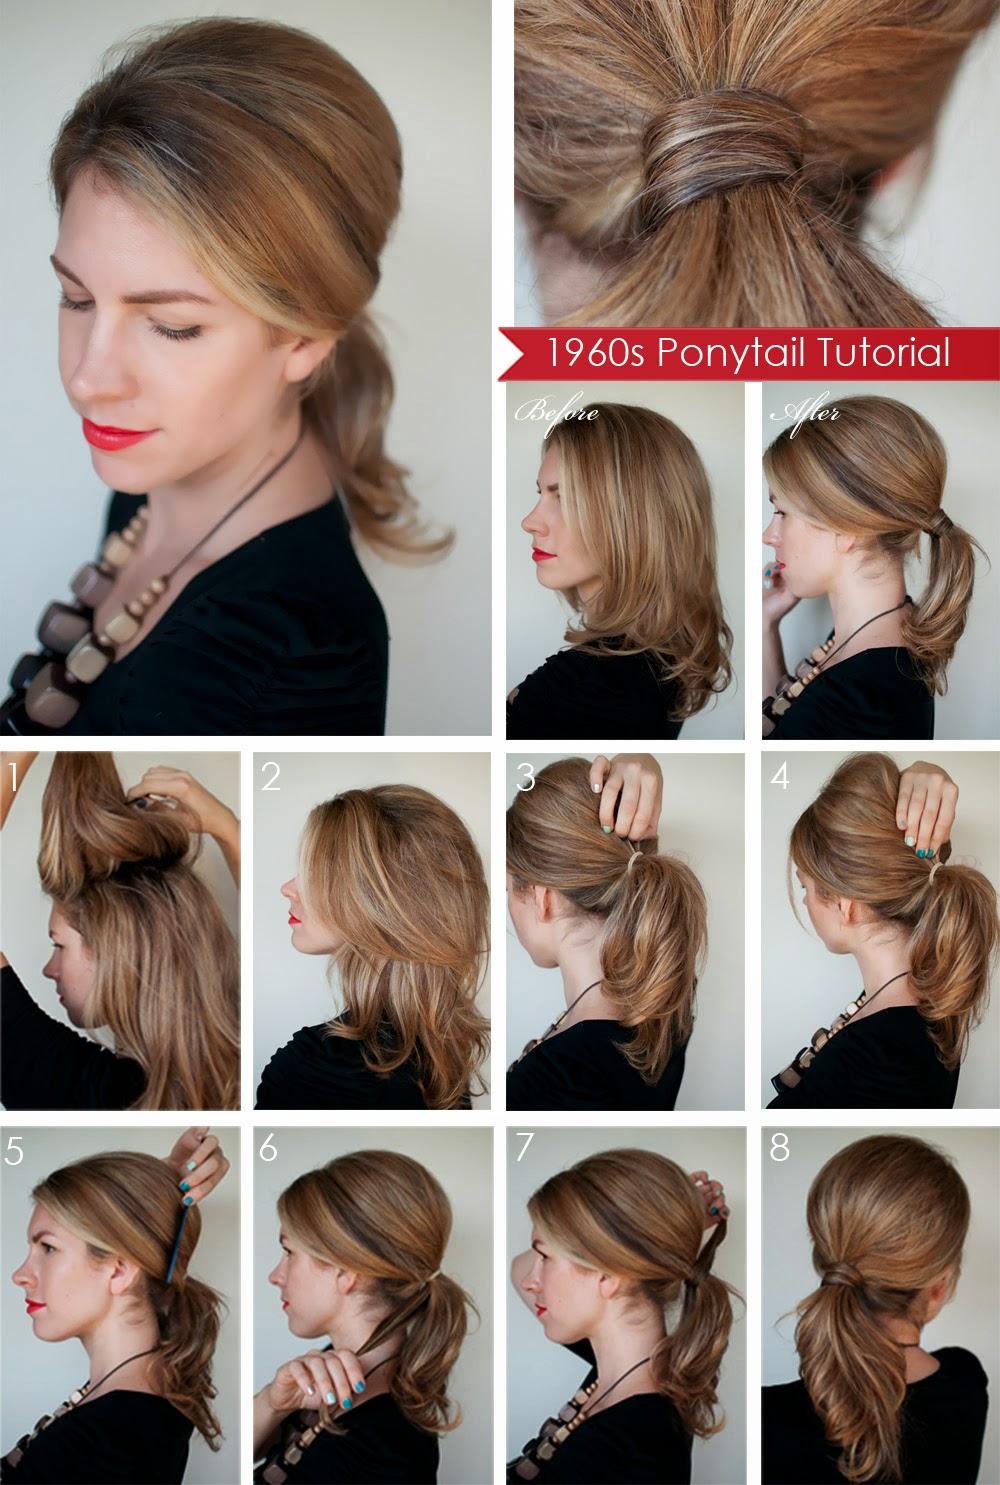 Hair Tutorial 2013